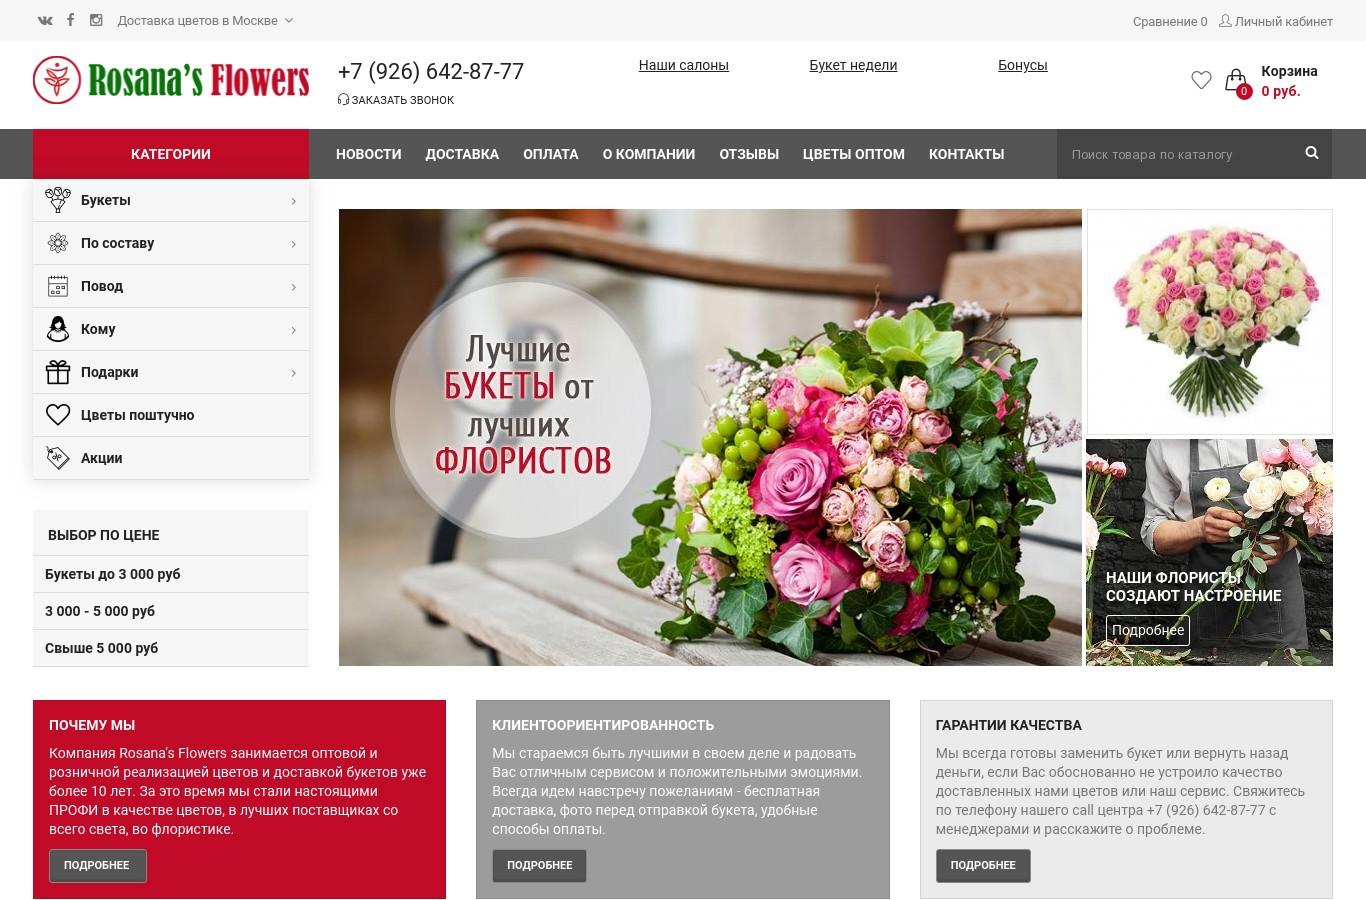 Создание интернет-магазина для Rosana's Flowers